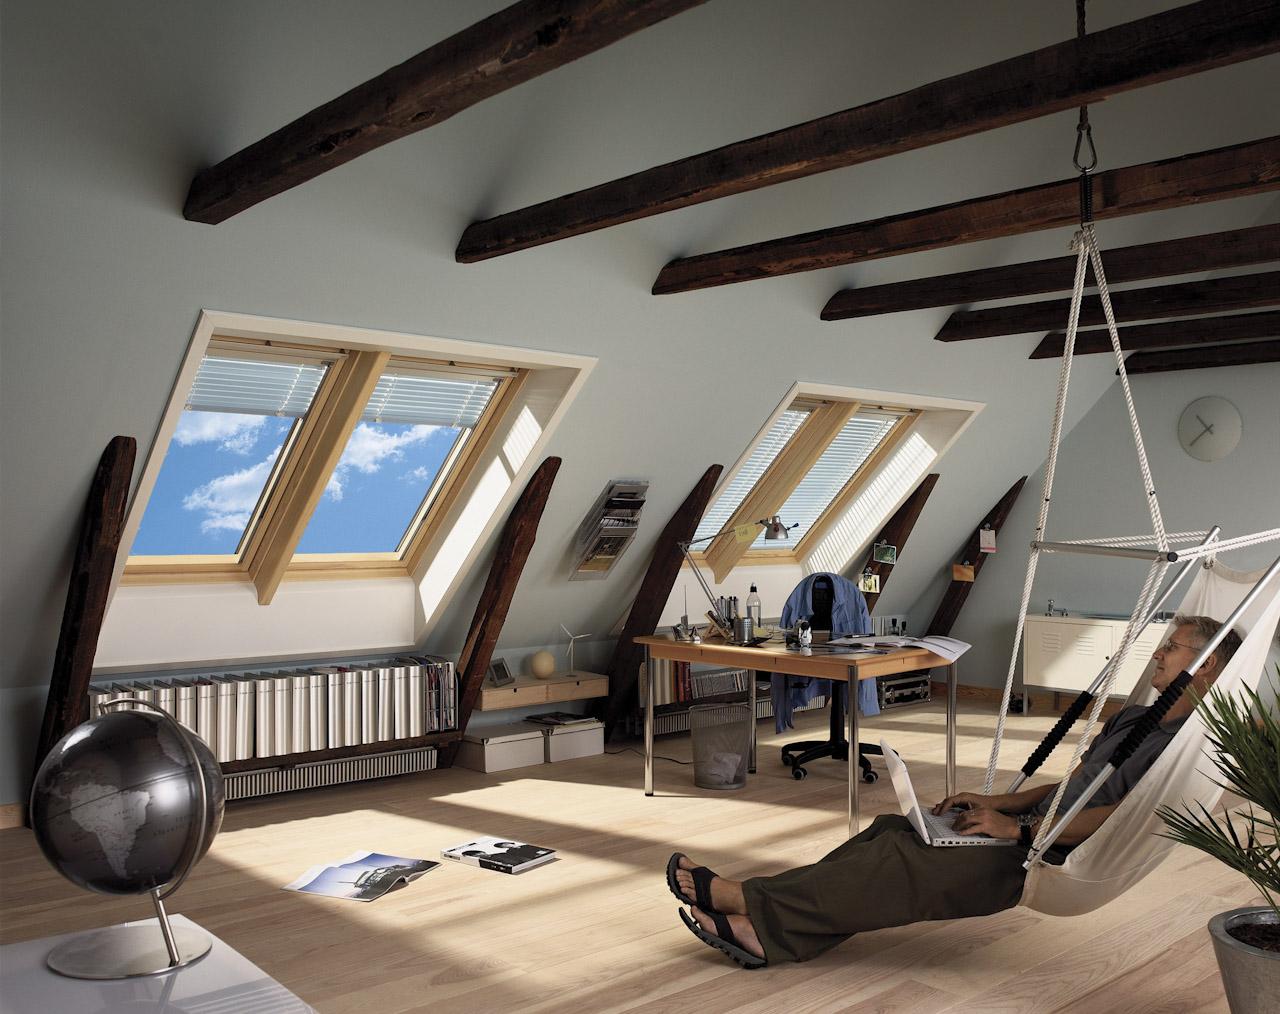 hochbau ehning baustoffe. Black Bedroom Furniture Sets. Home Design Ideas